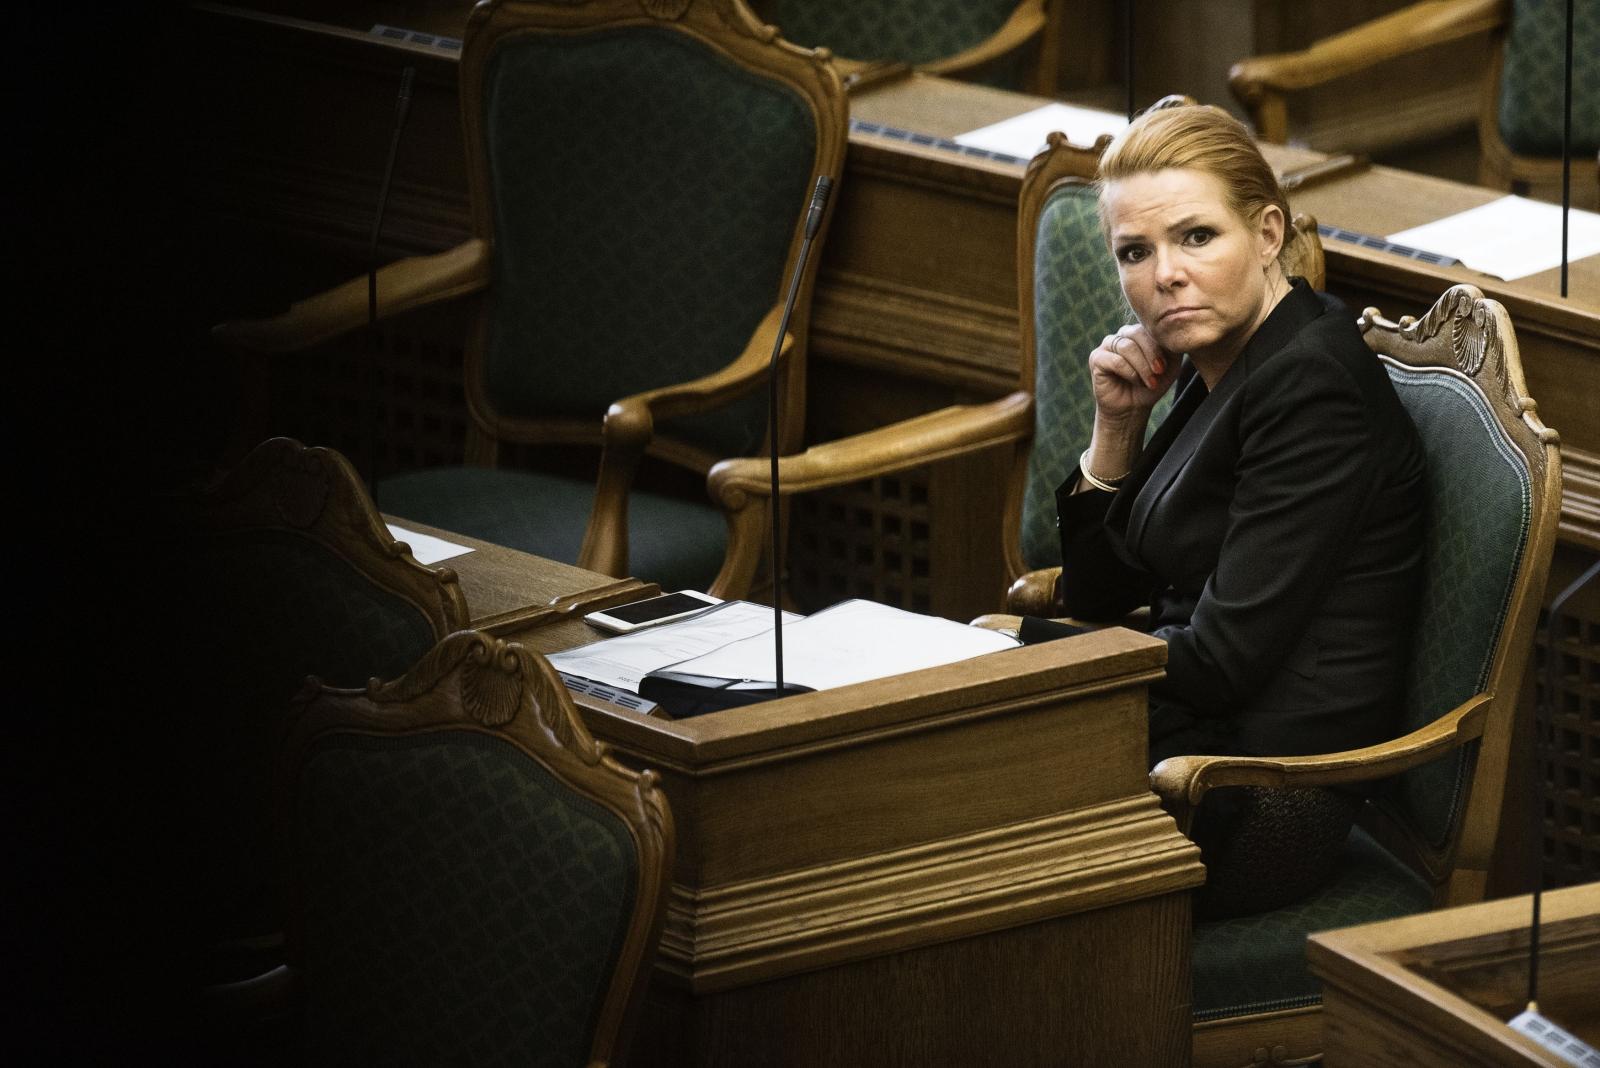 Inger Storjberg